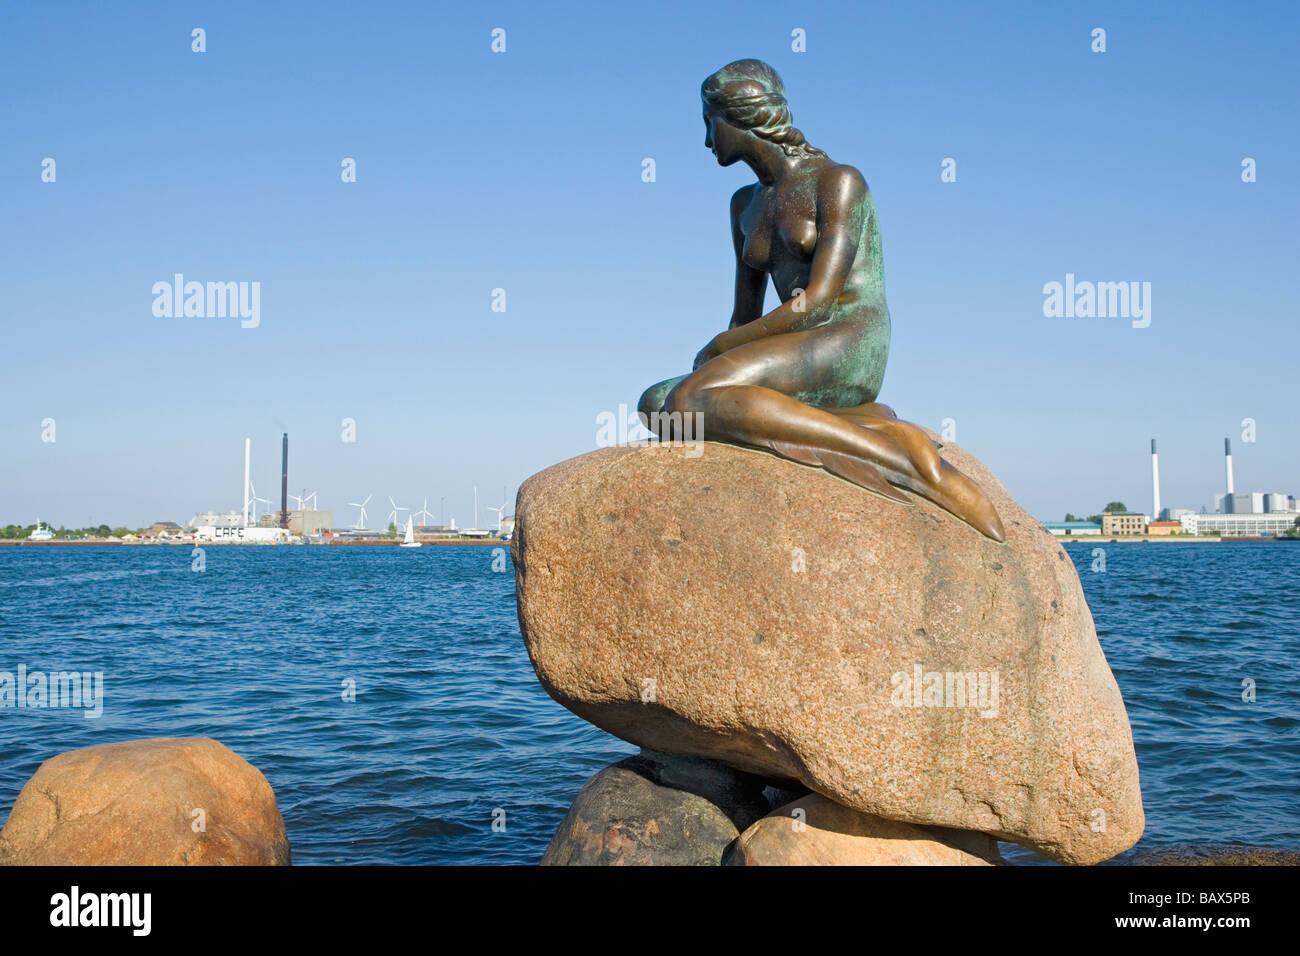 Copenhagen, Denmark; The Little Mermaid statue - Stock Image